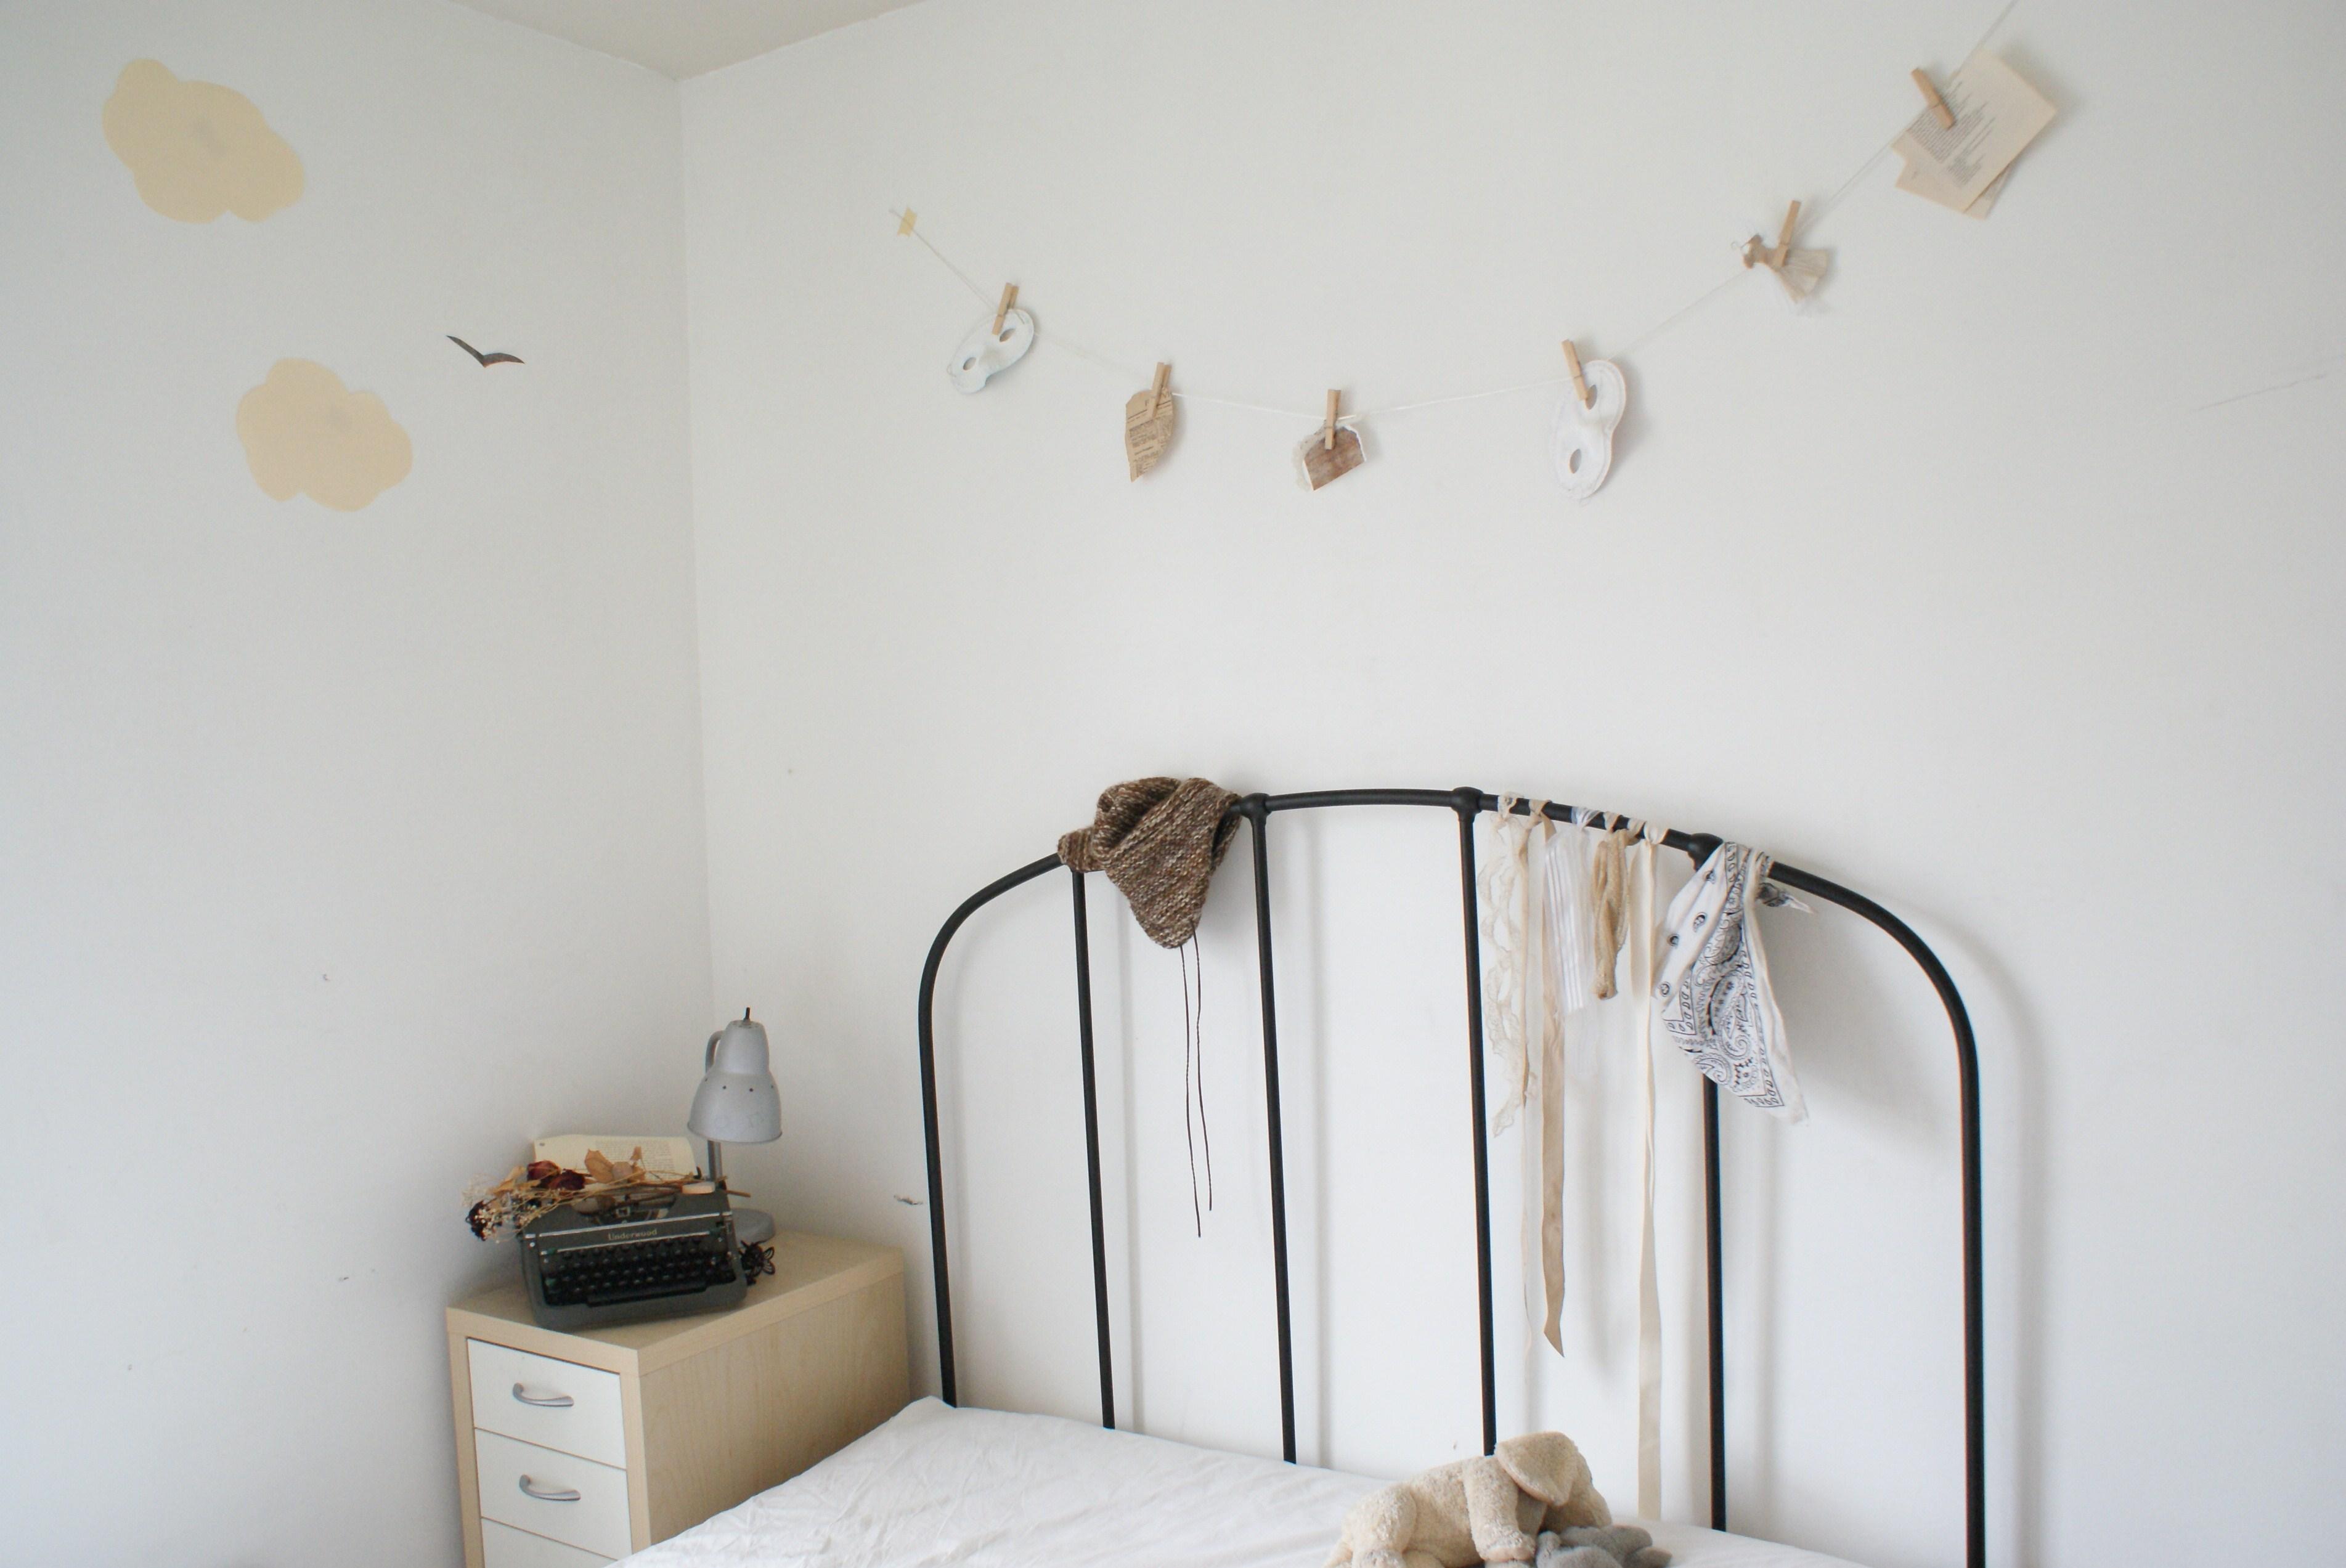 . Wallpaper   cloud  white  bunny  bird  hat  typewriter  puppy  bed